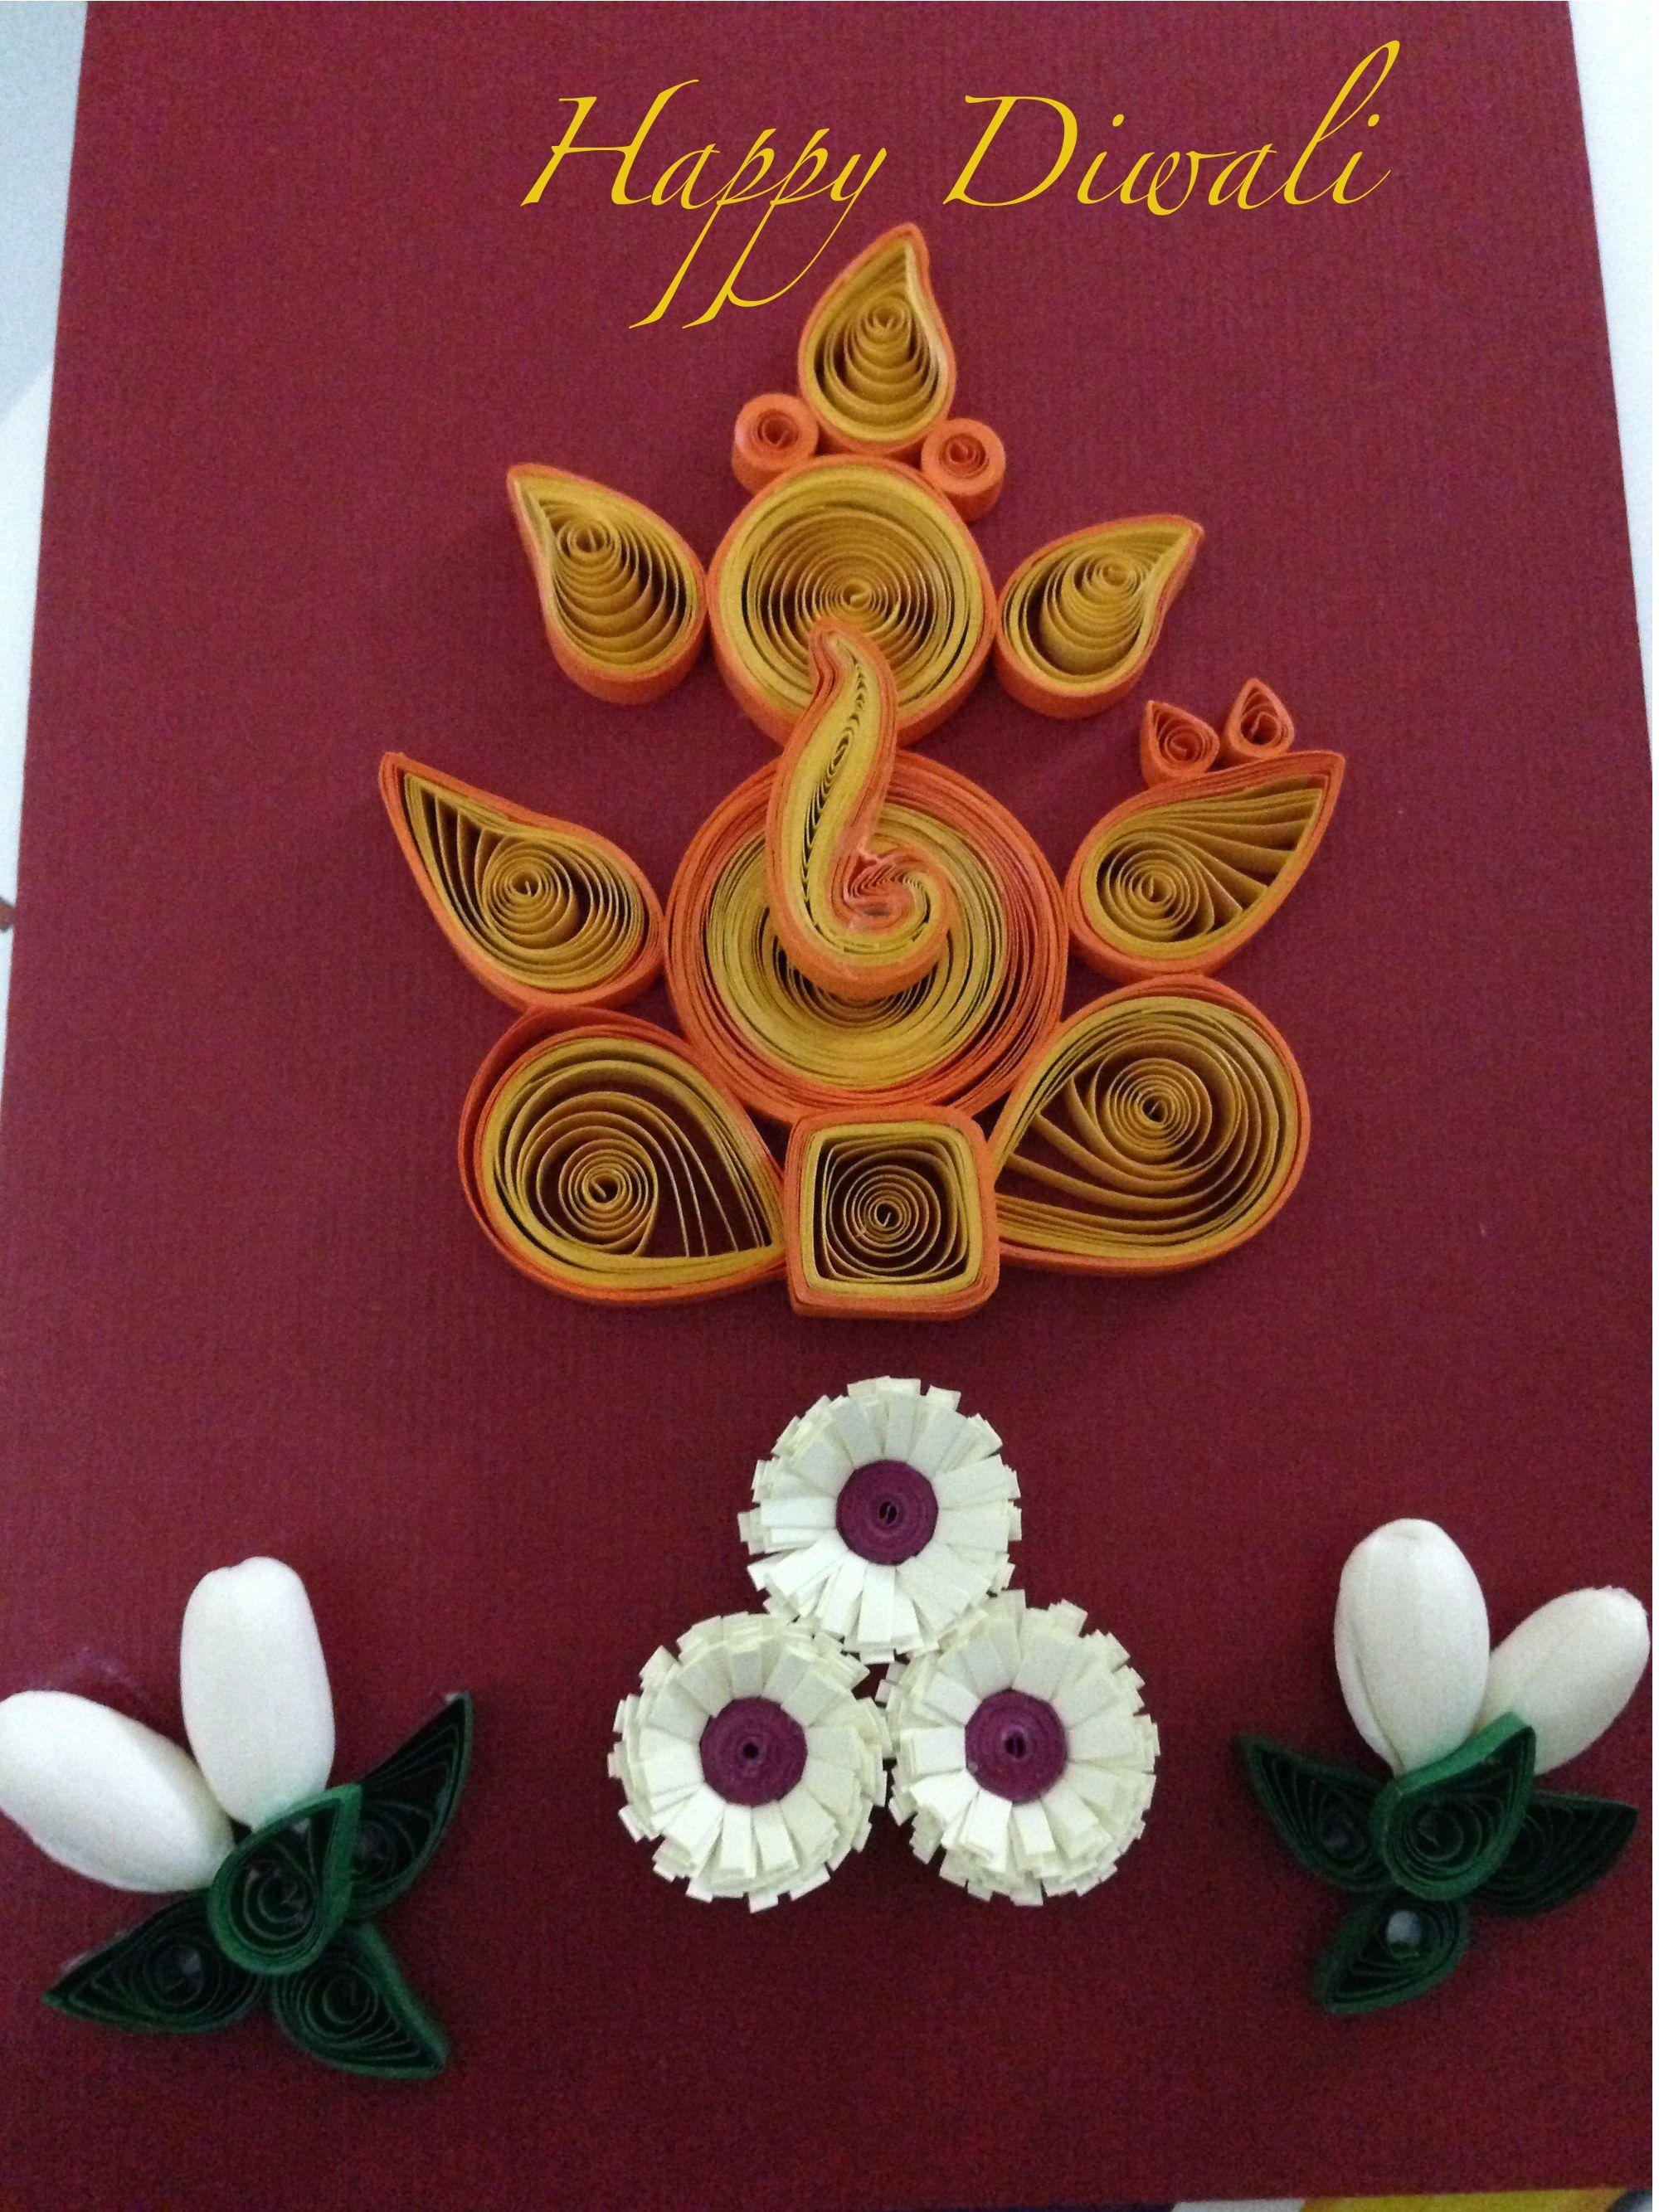 Ganesha diwali greeting card diy diwali greeting cards ganesha diwali greeting card online shopping for diwali sweet hampers by makemygift kristyandbryce Gallery